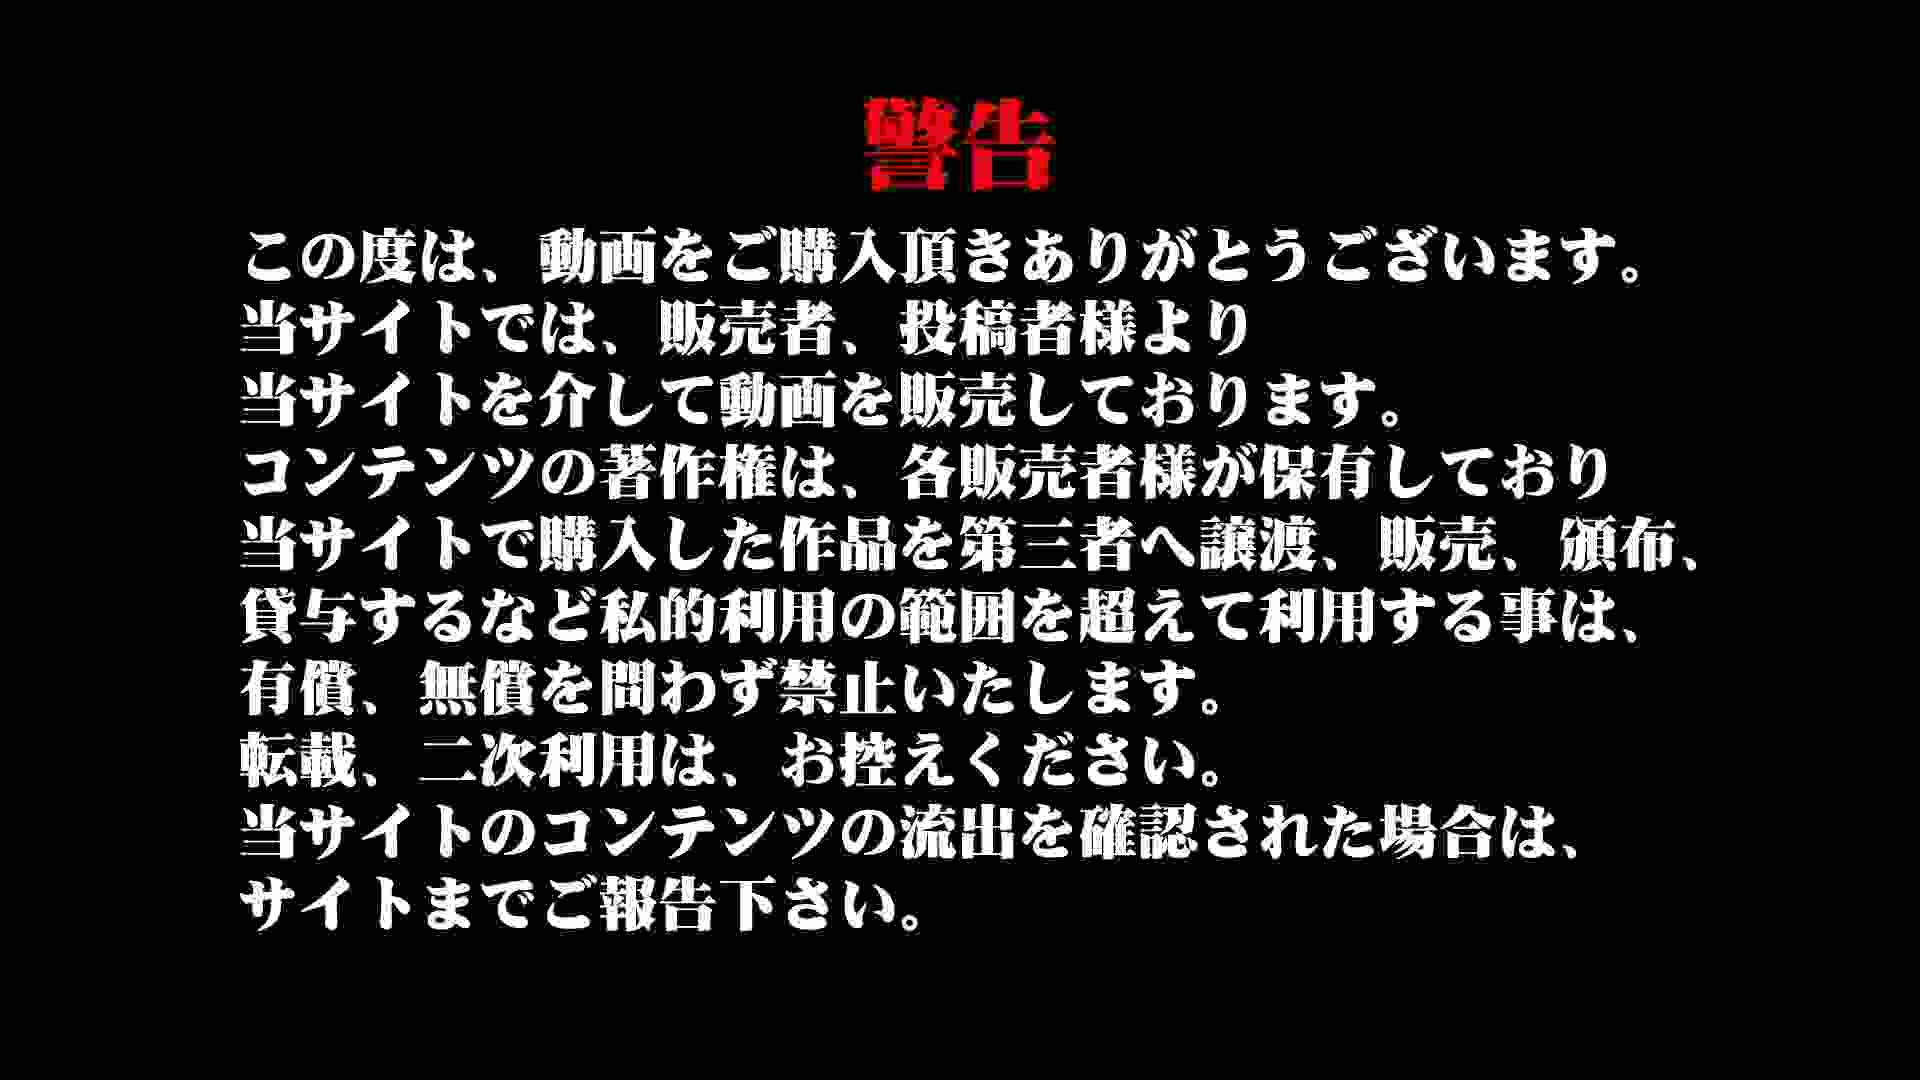 Aquaな露天風呂Vol.927 OLのエロ生活 | 盗撮  89連発 46